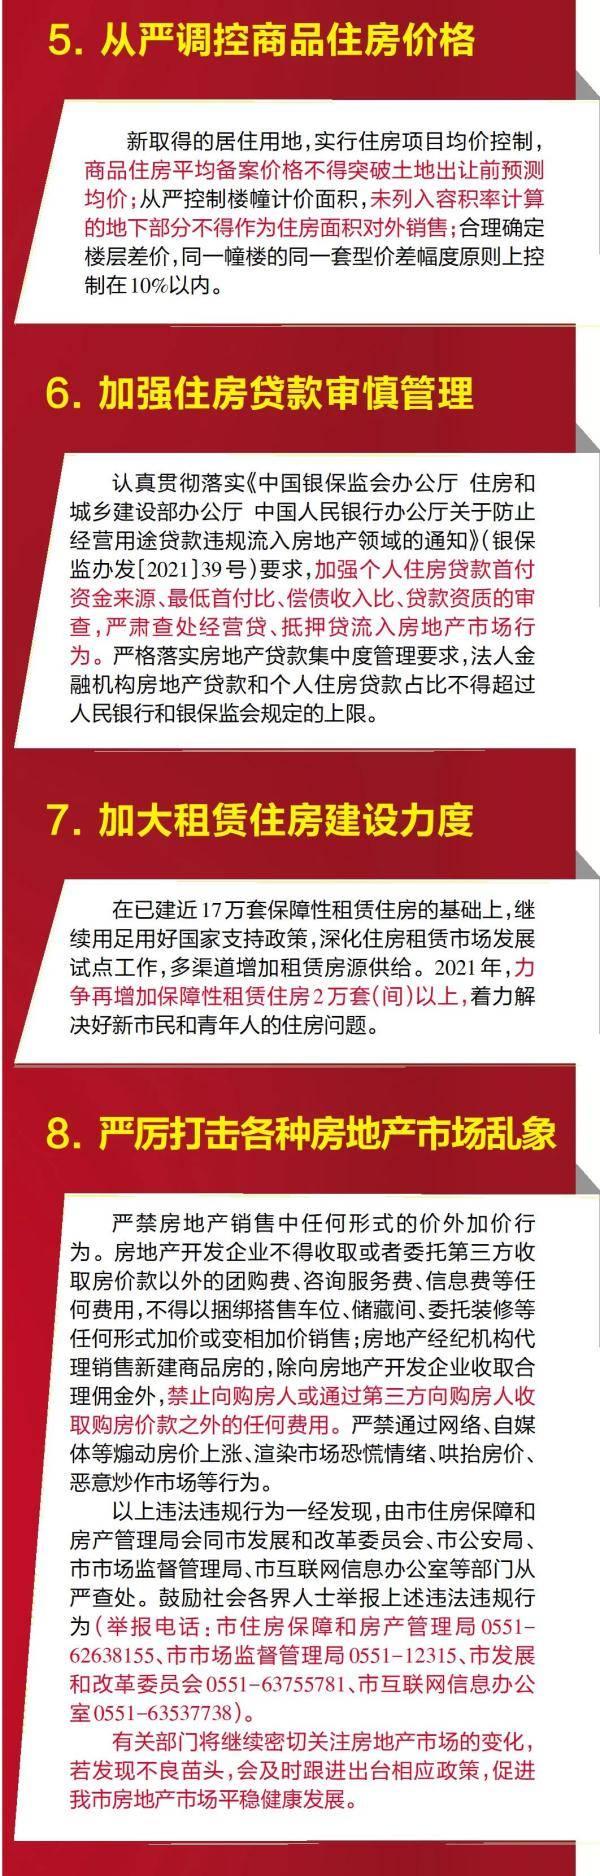 菲娱4娱乐-首页【1.1.5】